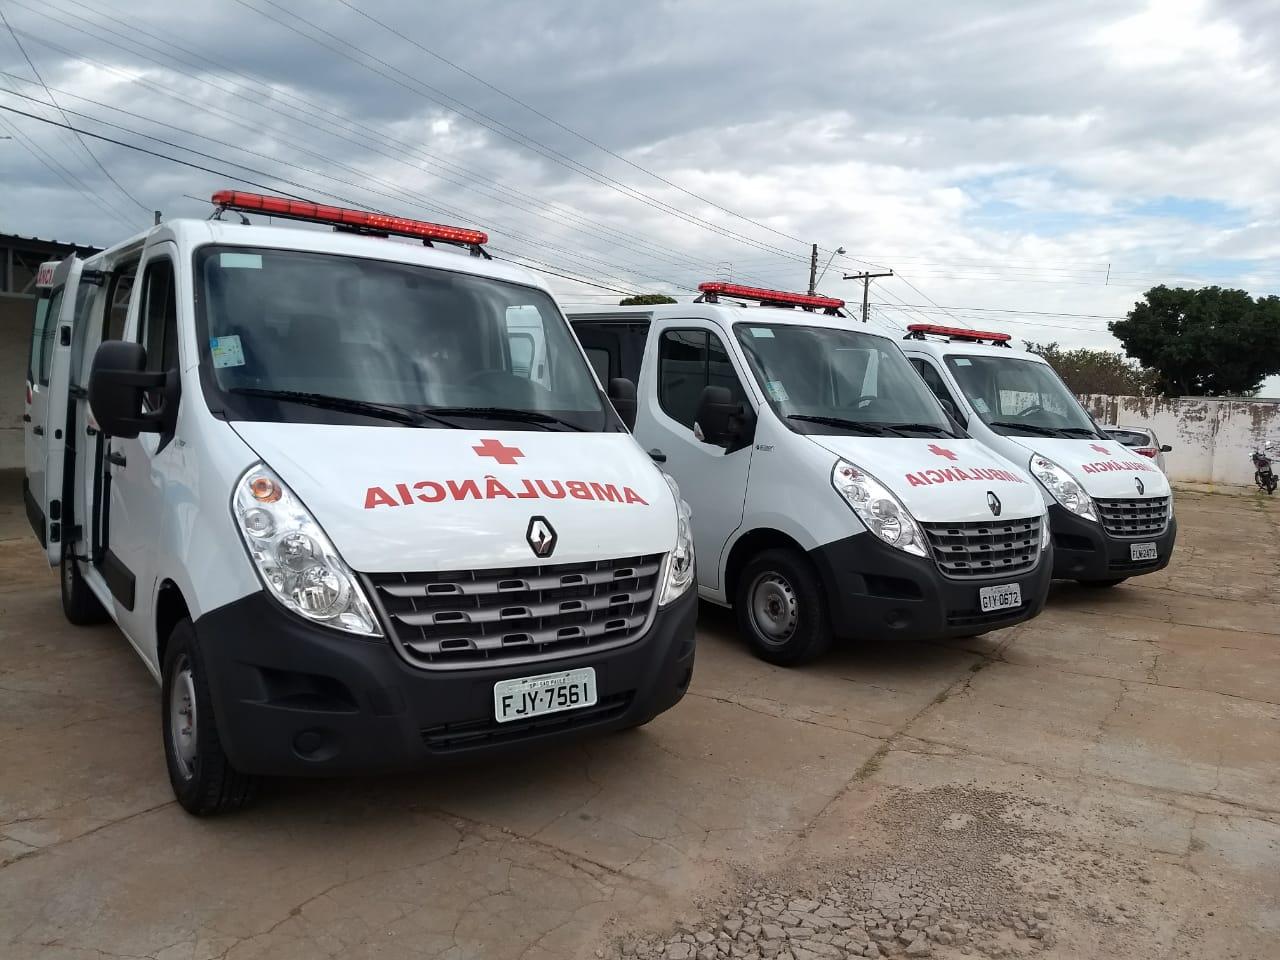 Saúde: São Manuel recebe novas ambulâncias